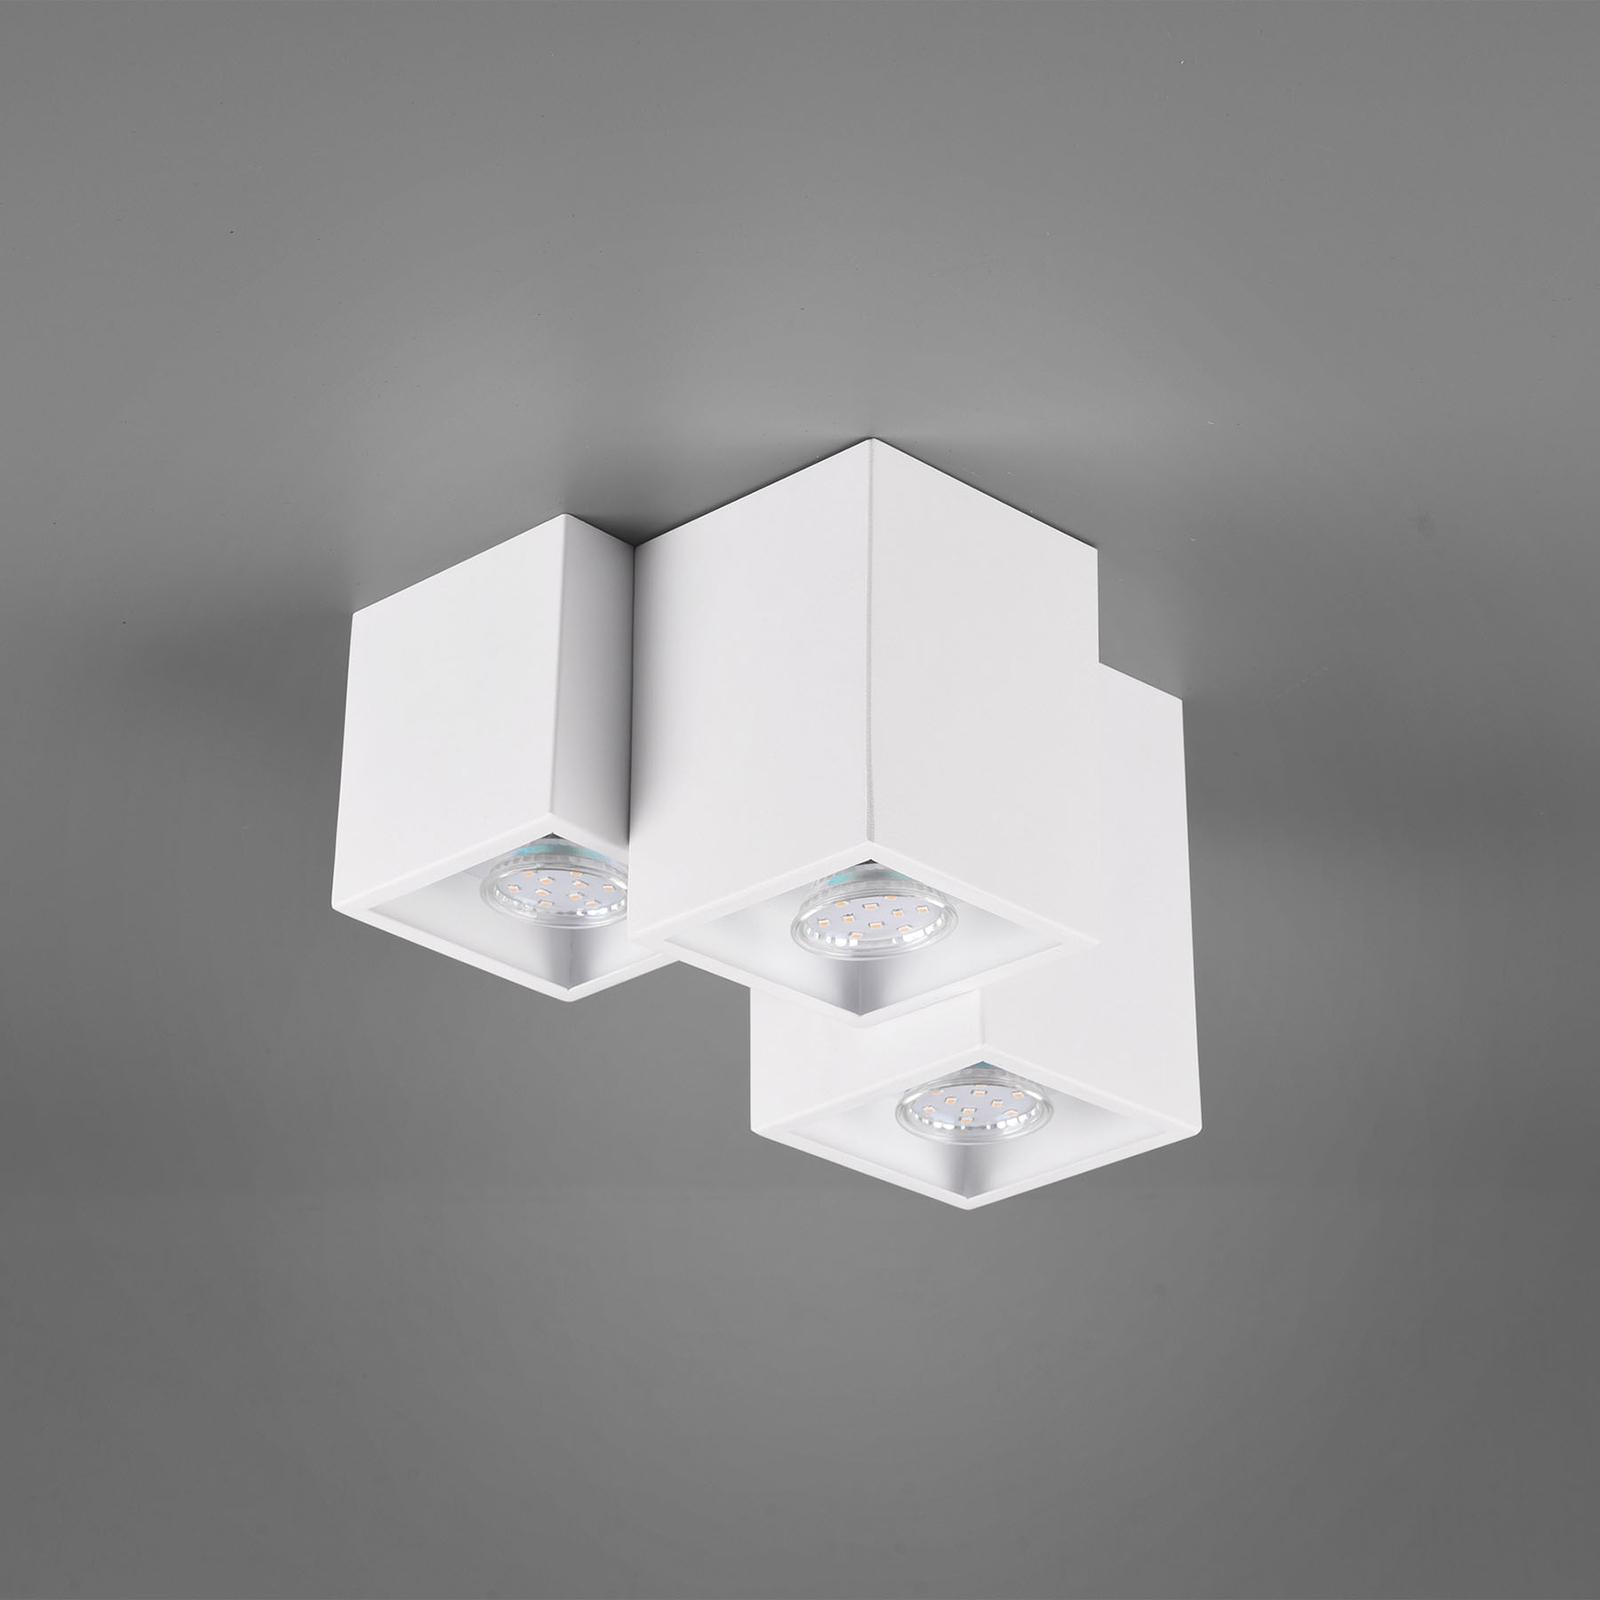 Plafondlamp Fernando, 3-lamps, mat wit